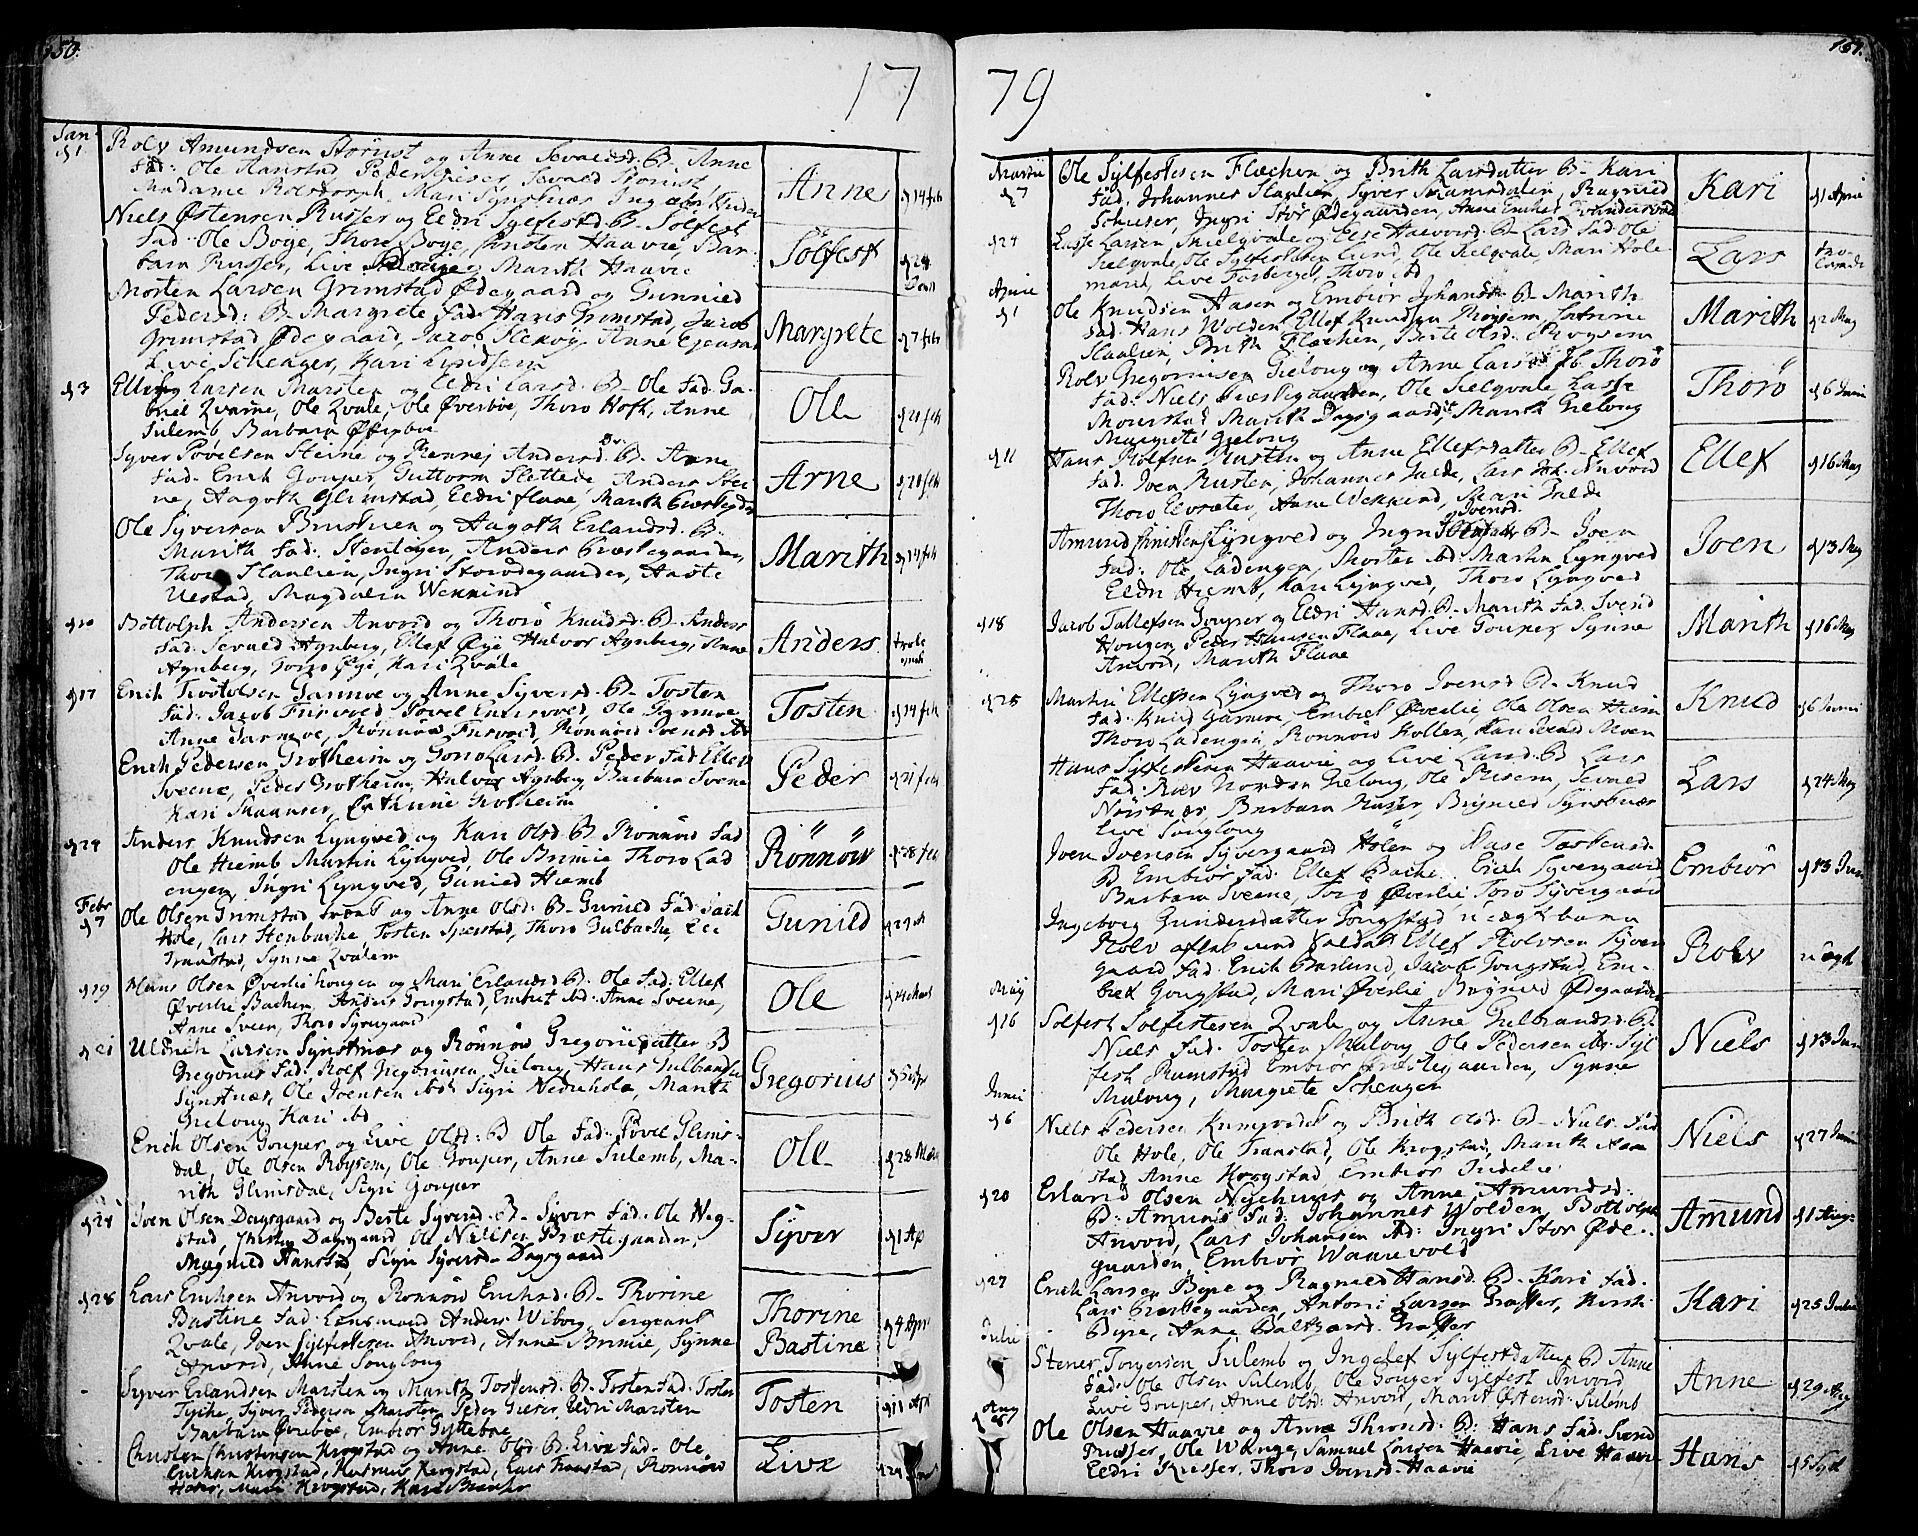 SAH, Lom prestekontor, K/L0002: Ministerialbok nr. 2, 1749-1801, s. 150-151